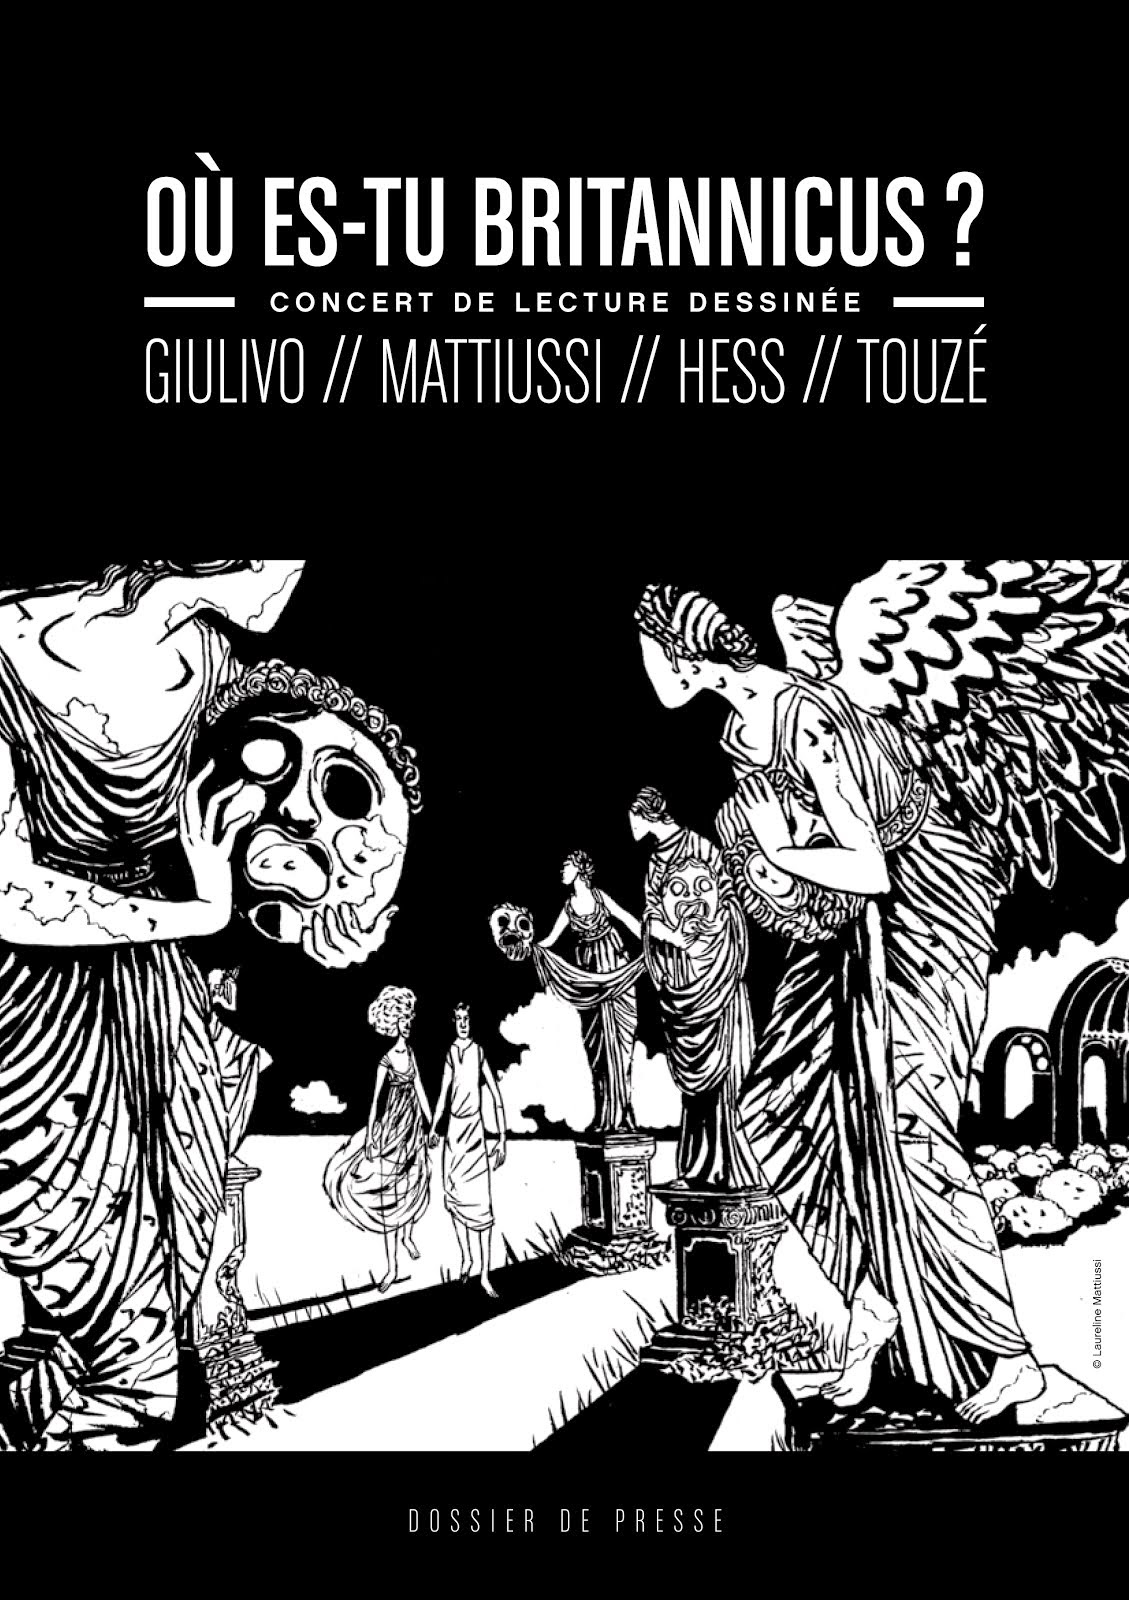 LES SPECTACLES/CONCERTS DESSINES : Où es-tu Britannicus ?